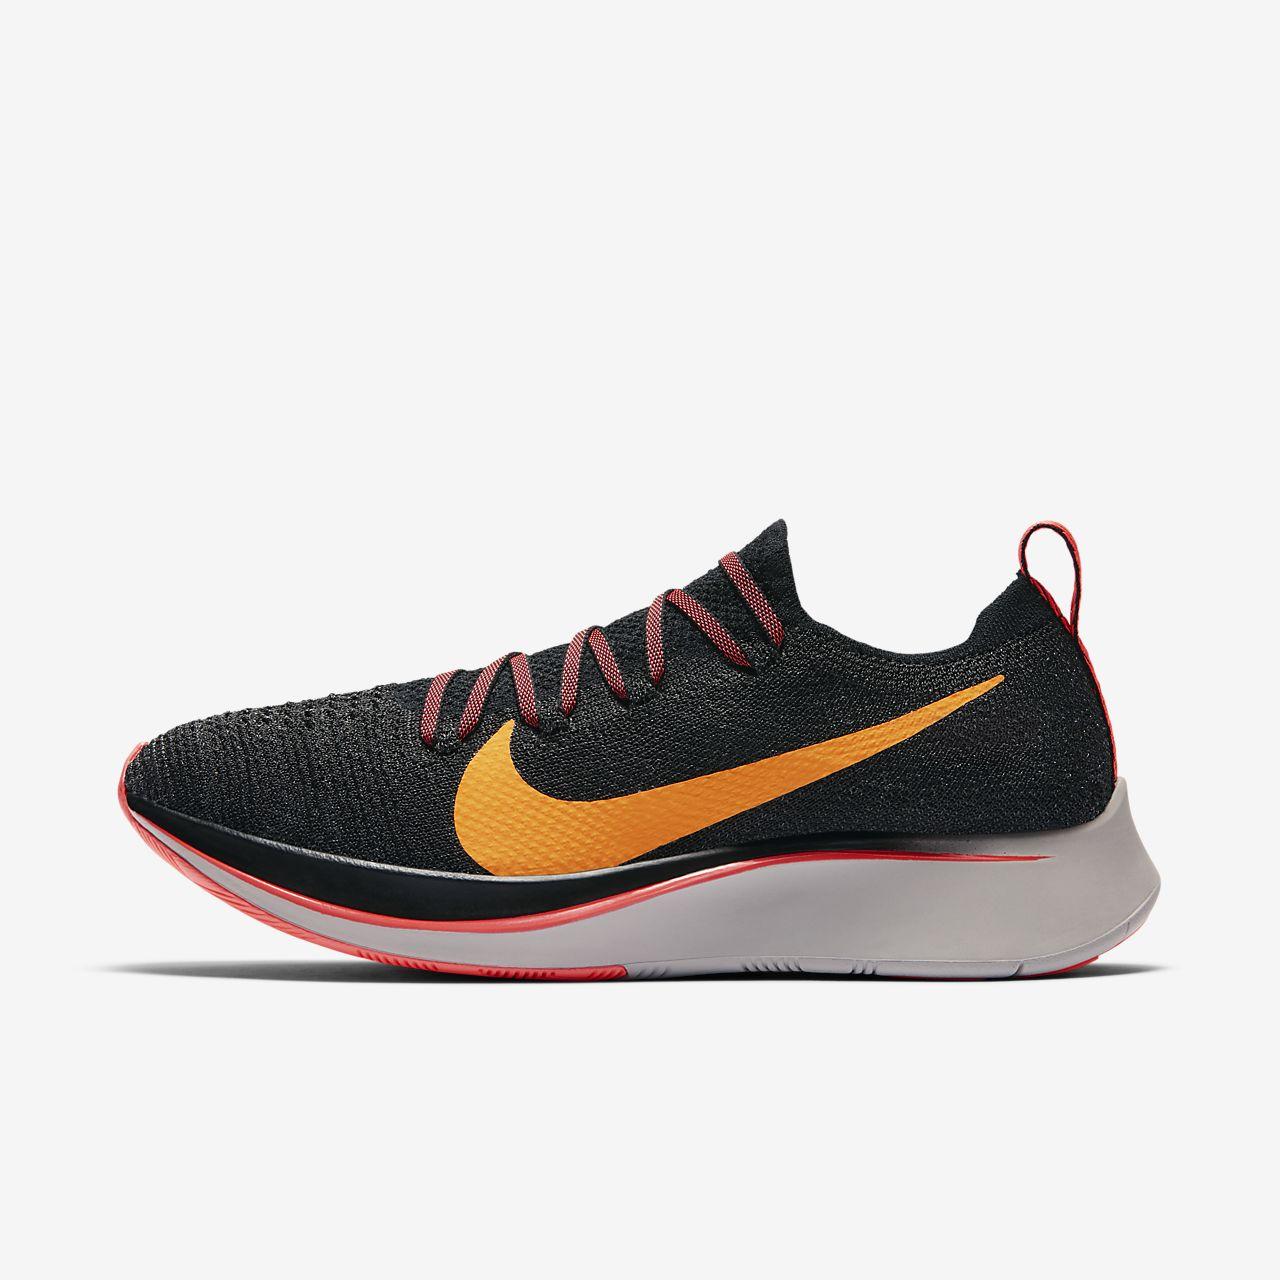 Calzado de Fly running para Nike mujer Nike Zoom Fly de Flyknit. Nike para 331966